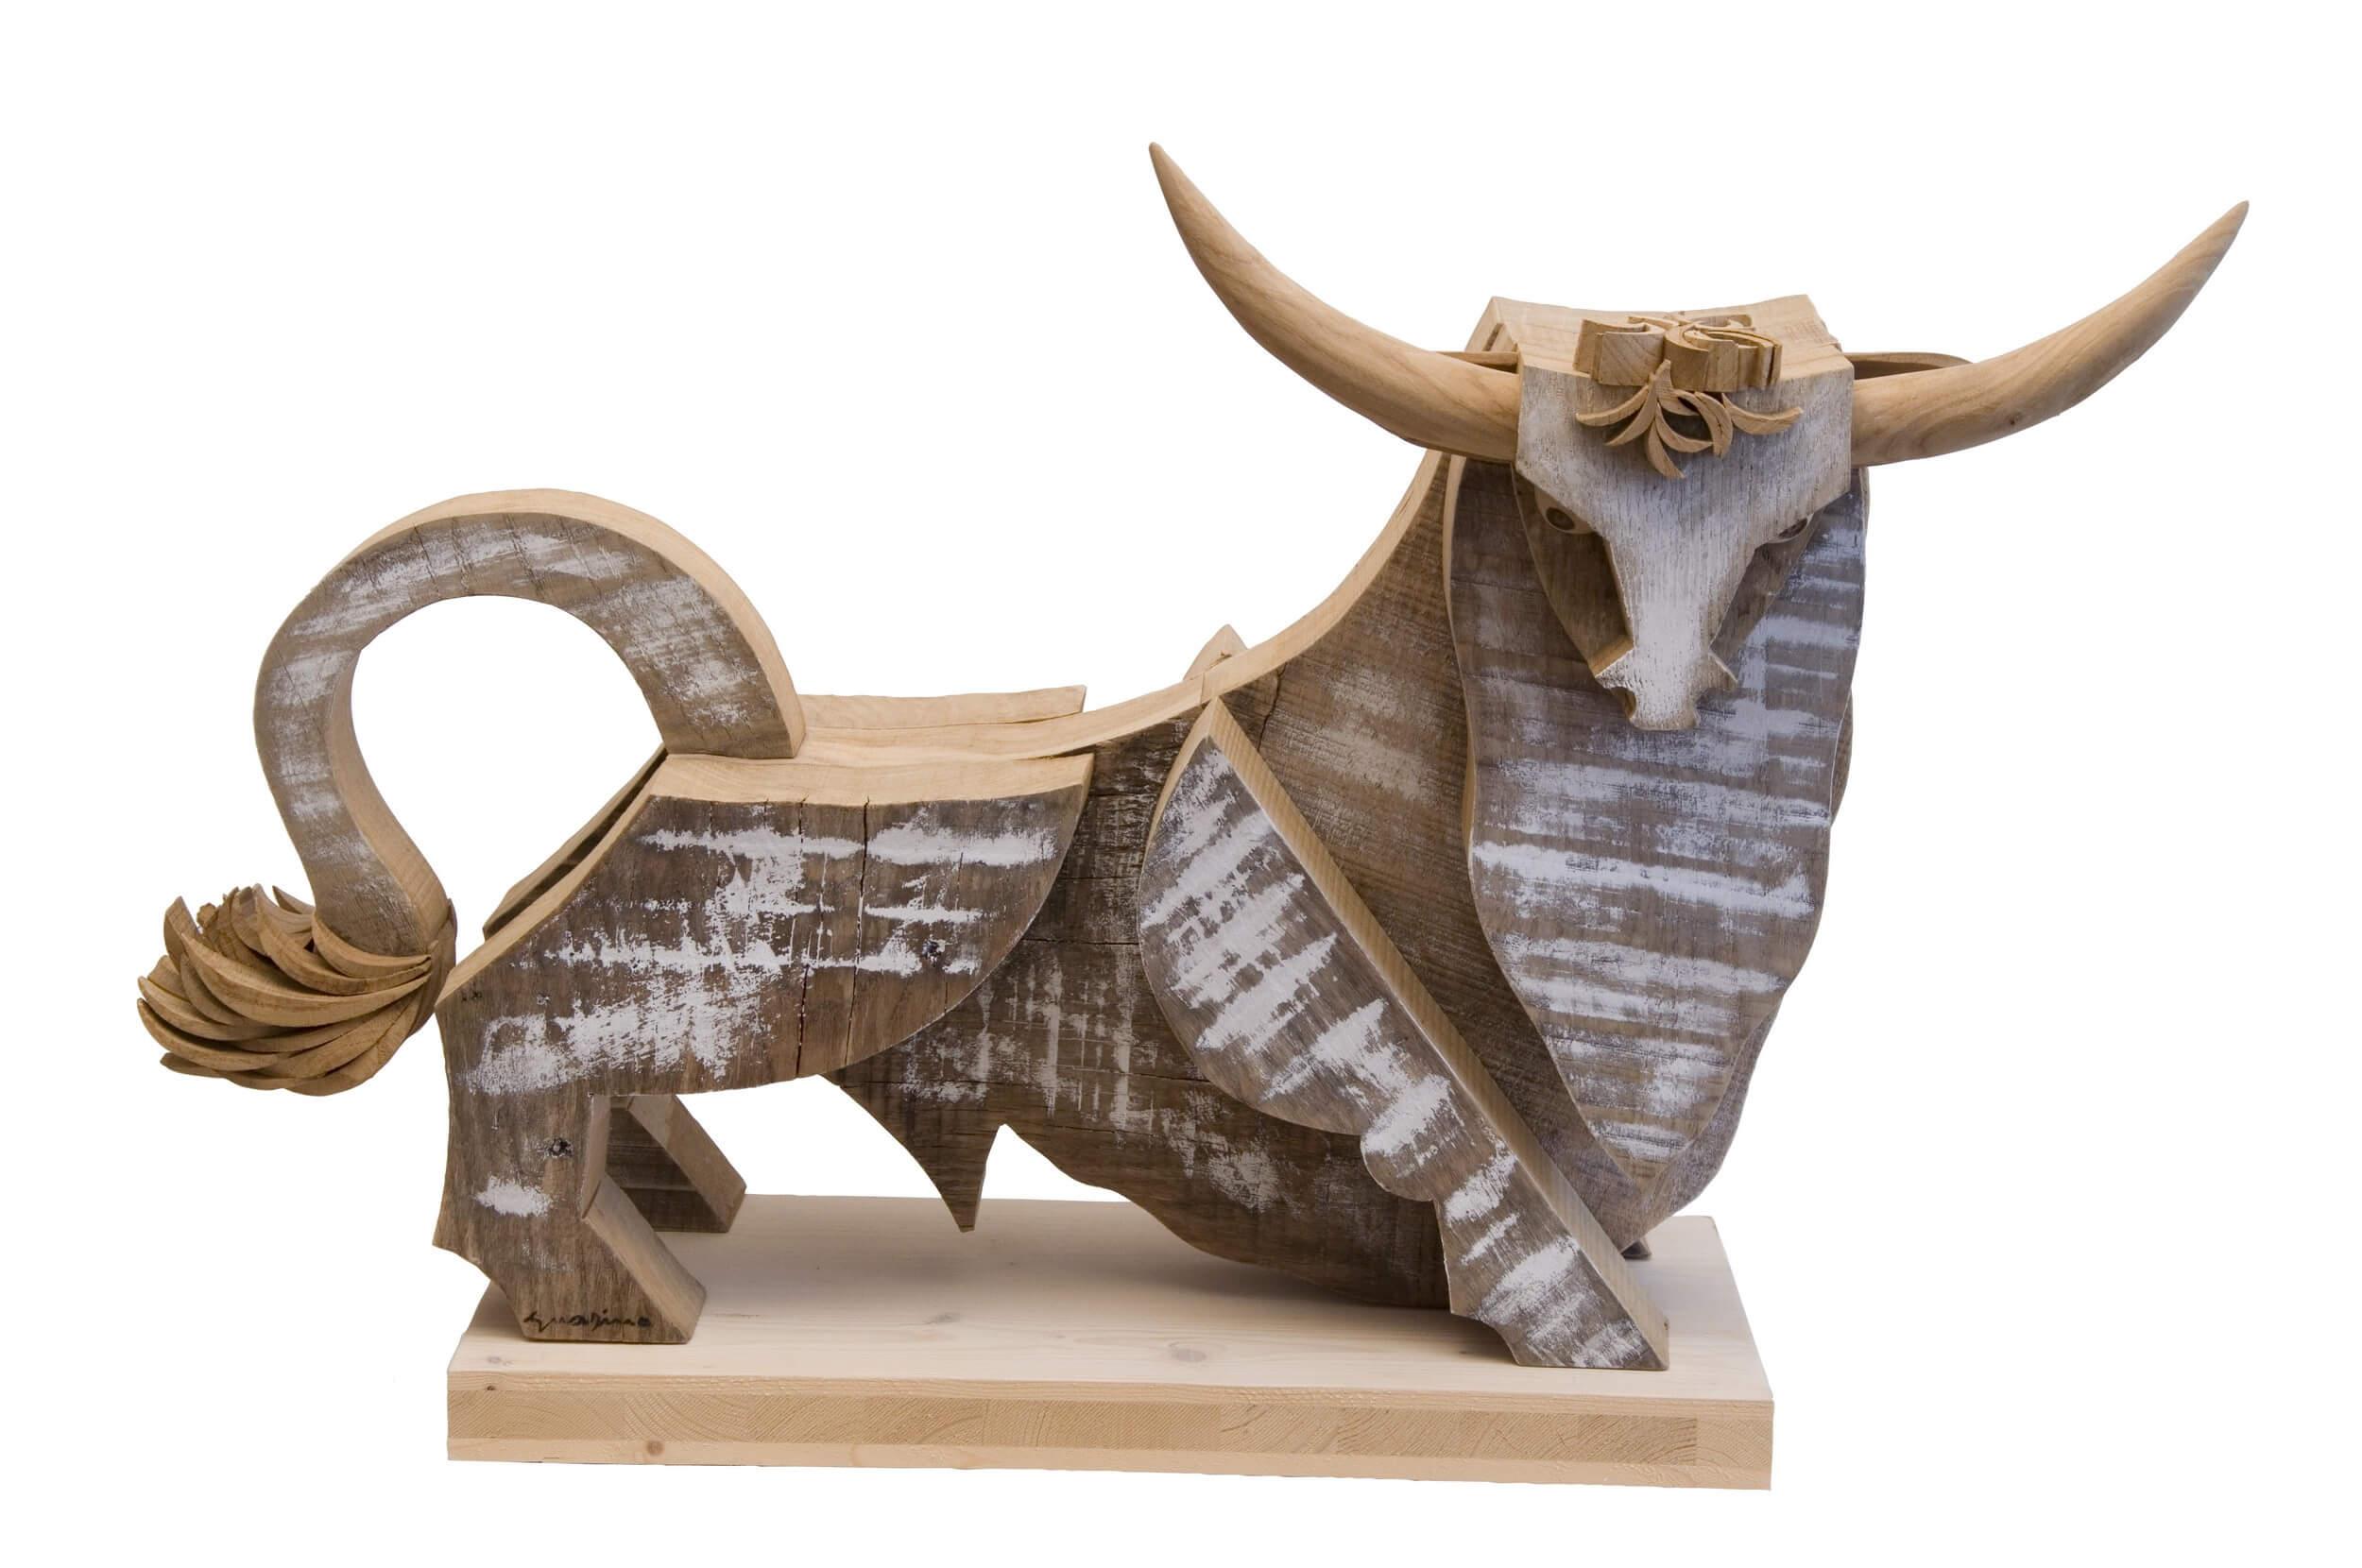 Scultura in legno Toro - Dimensione media 75 x 27 x 45  cm (b x p x h)